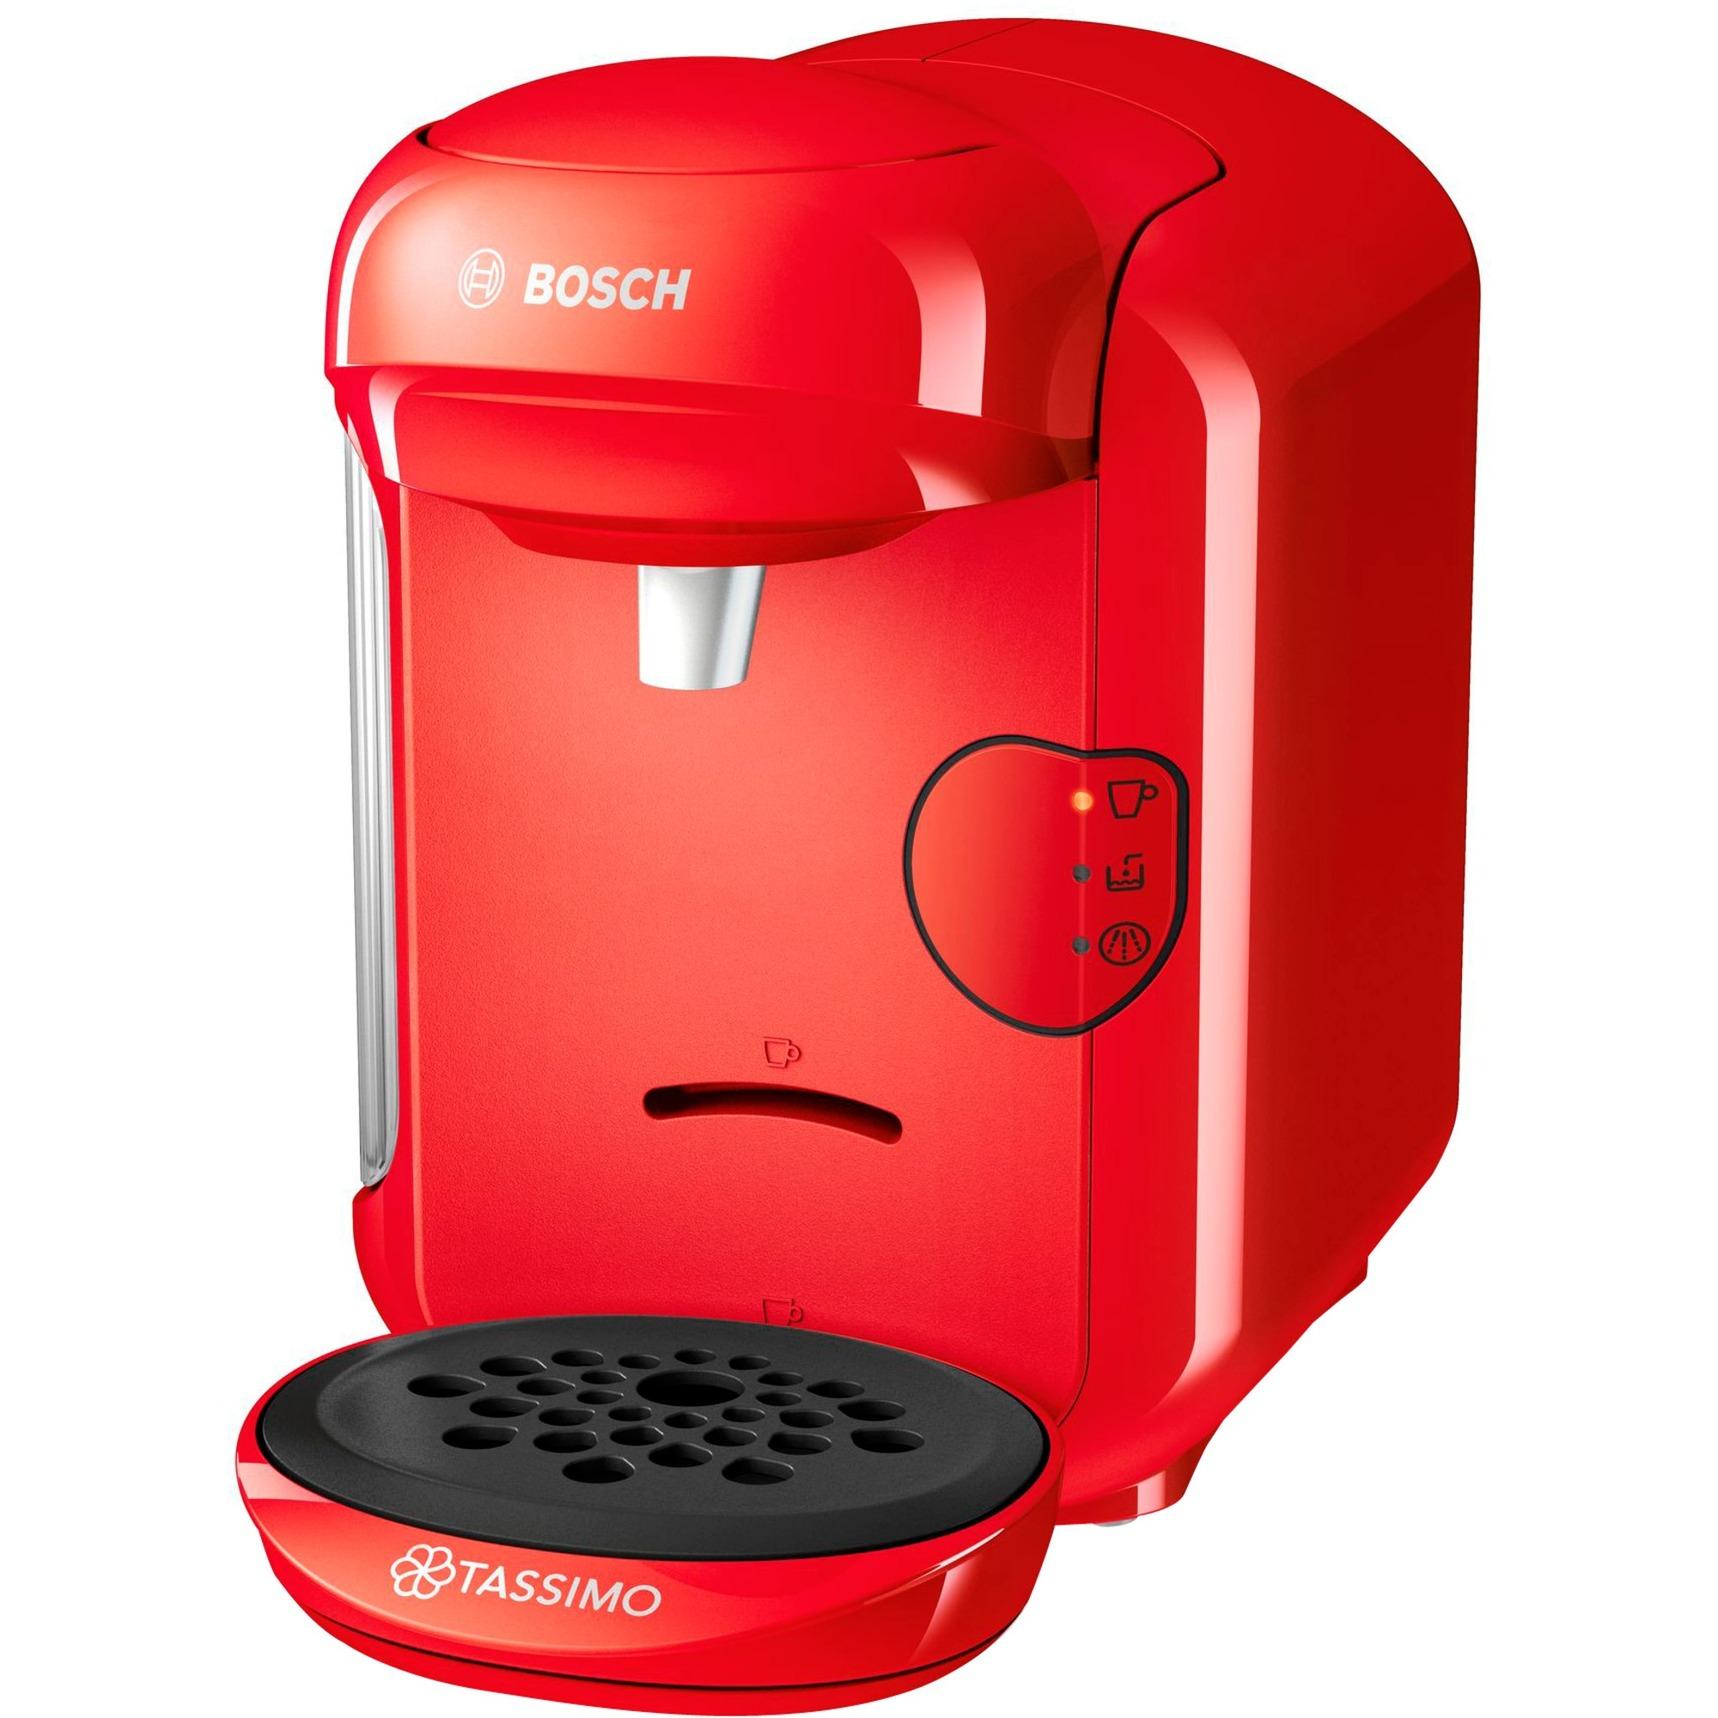 TAS1403 Independiente Totalmente automática Cafetera combinada 0.7L Rojo cafetera eléctrica, Cafetera de cápsulas